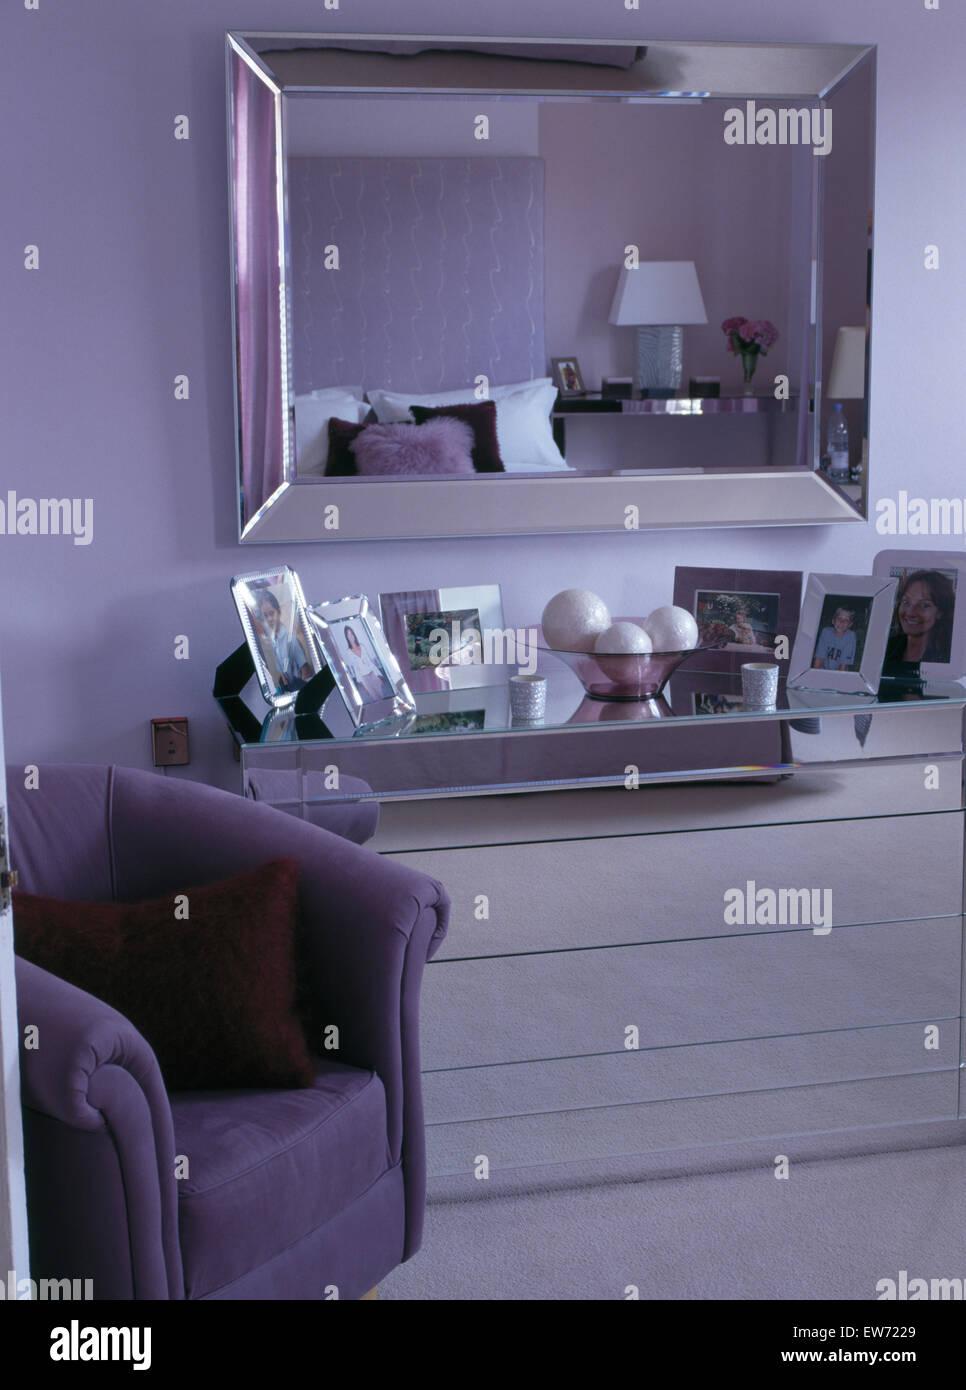 Waschtisch Spiegel oben montiert in modernen Schlafzimmer mit lila ...